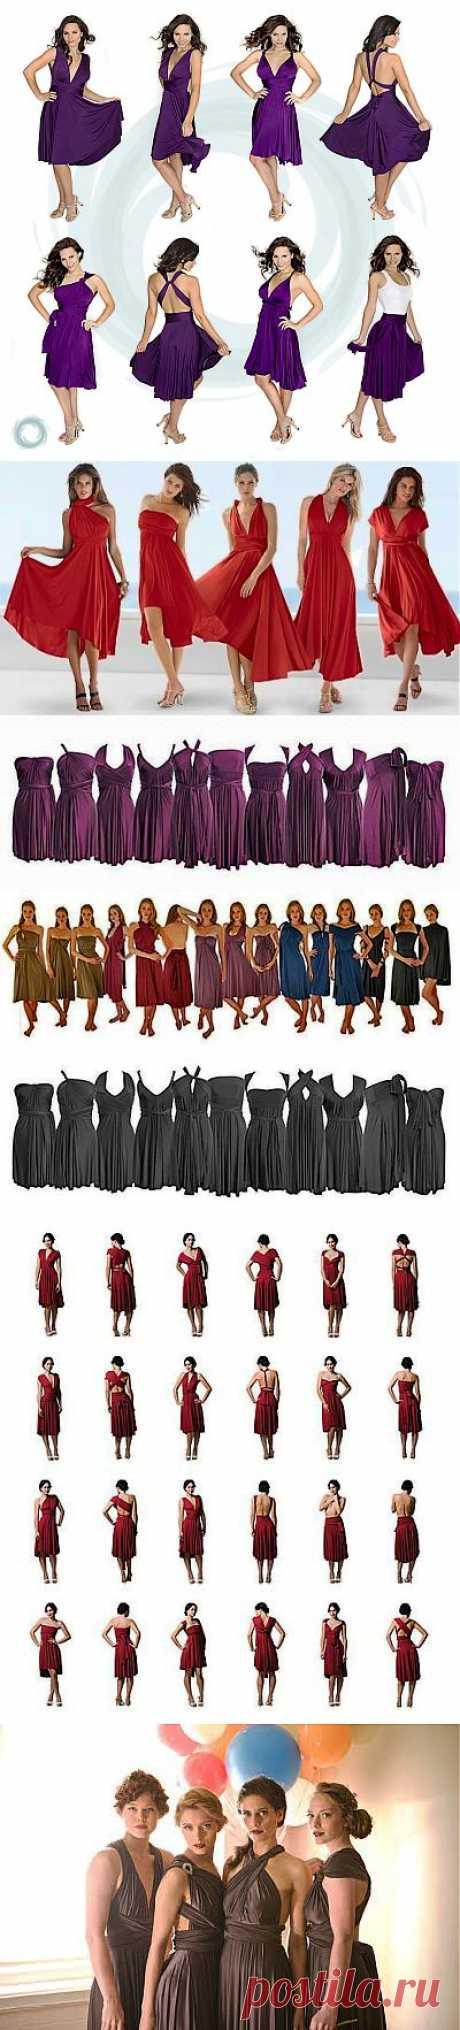 Продолжаем шить секси-платье!!! Еще схемы и выкройки + способы завязывания на фигуре!.